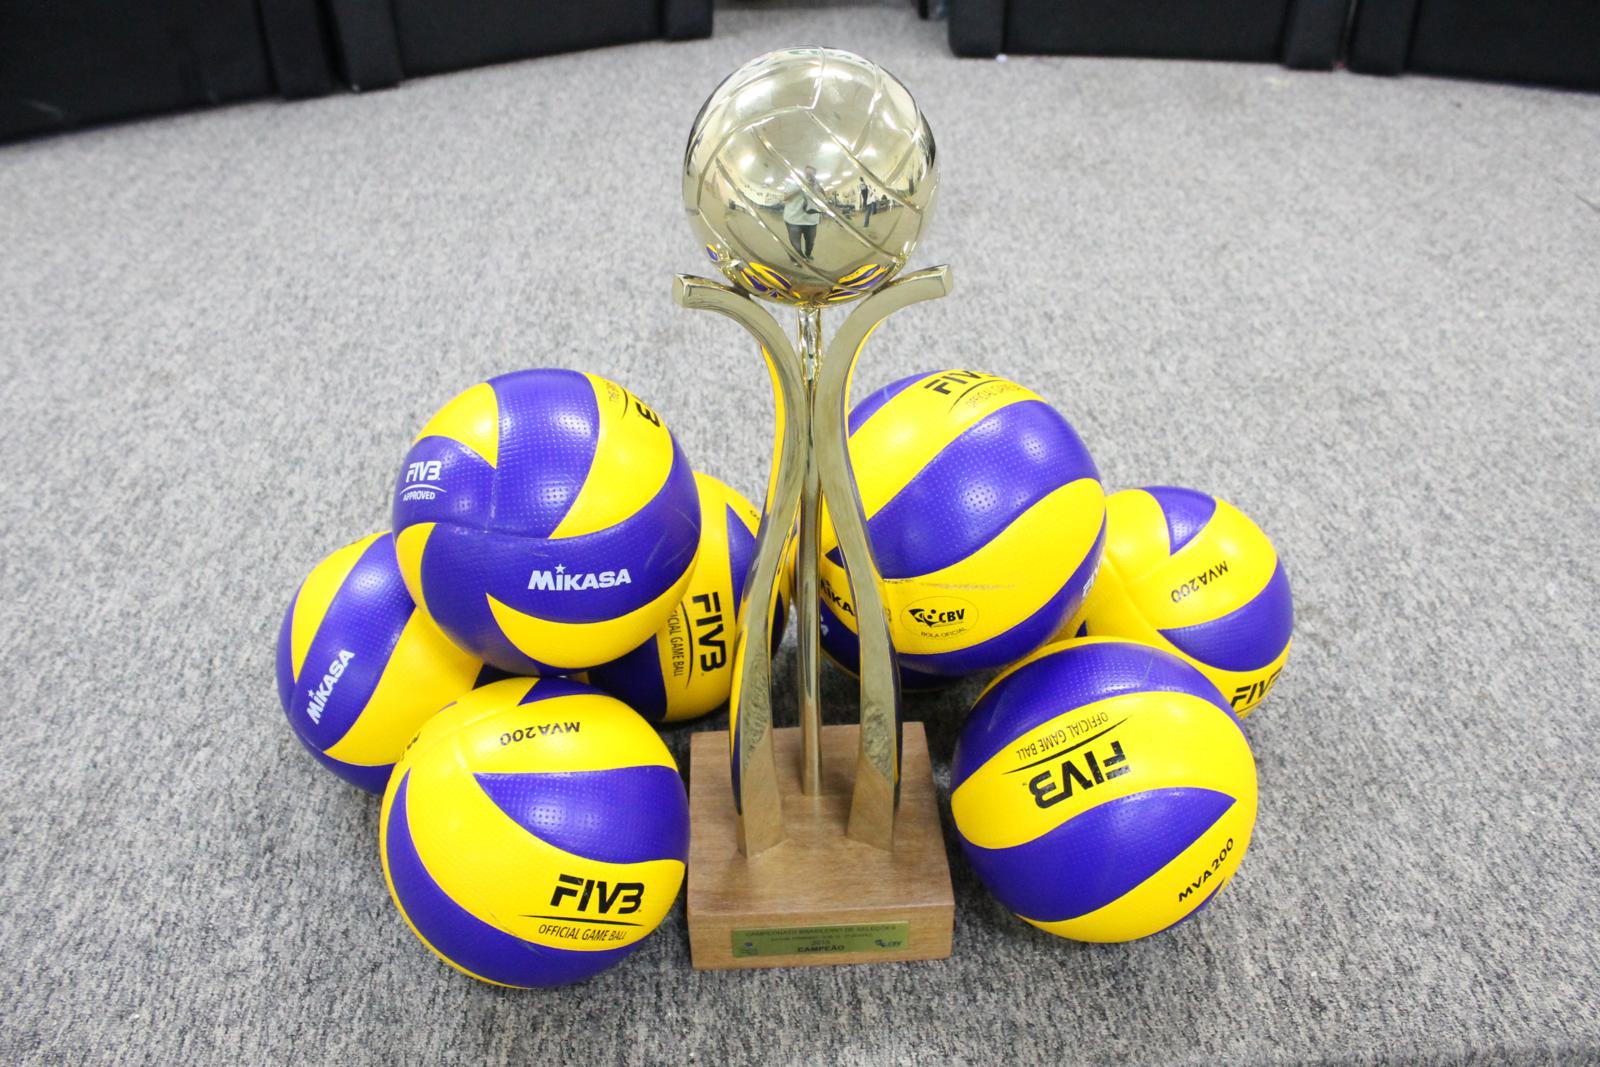 Dois torneios da sub-19 masculina acontecem em Saquarema a partir desta terça-feira